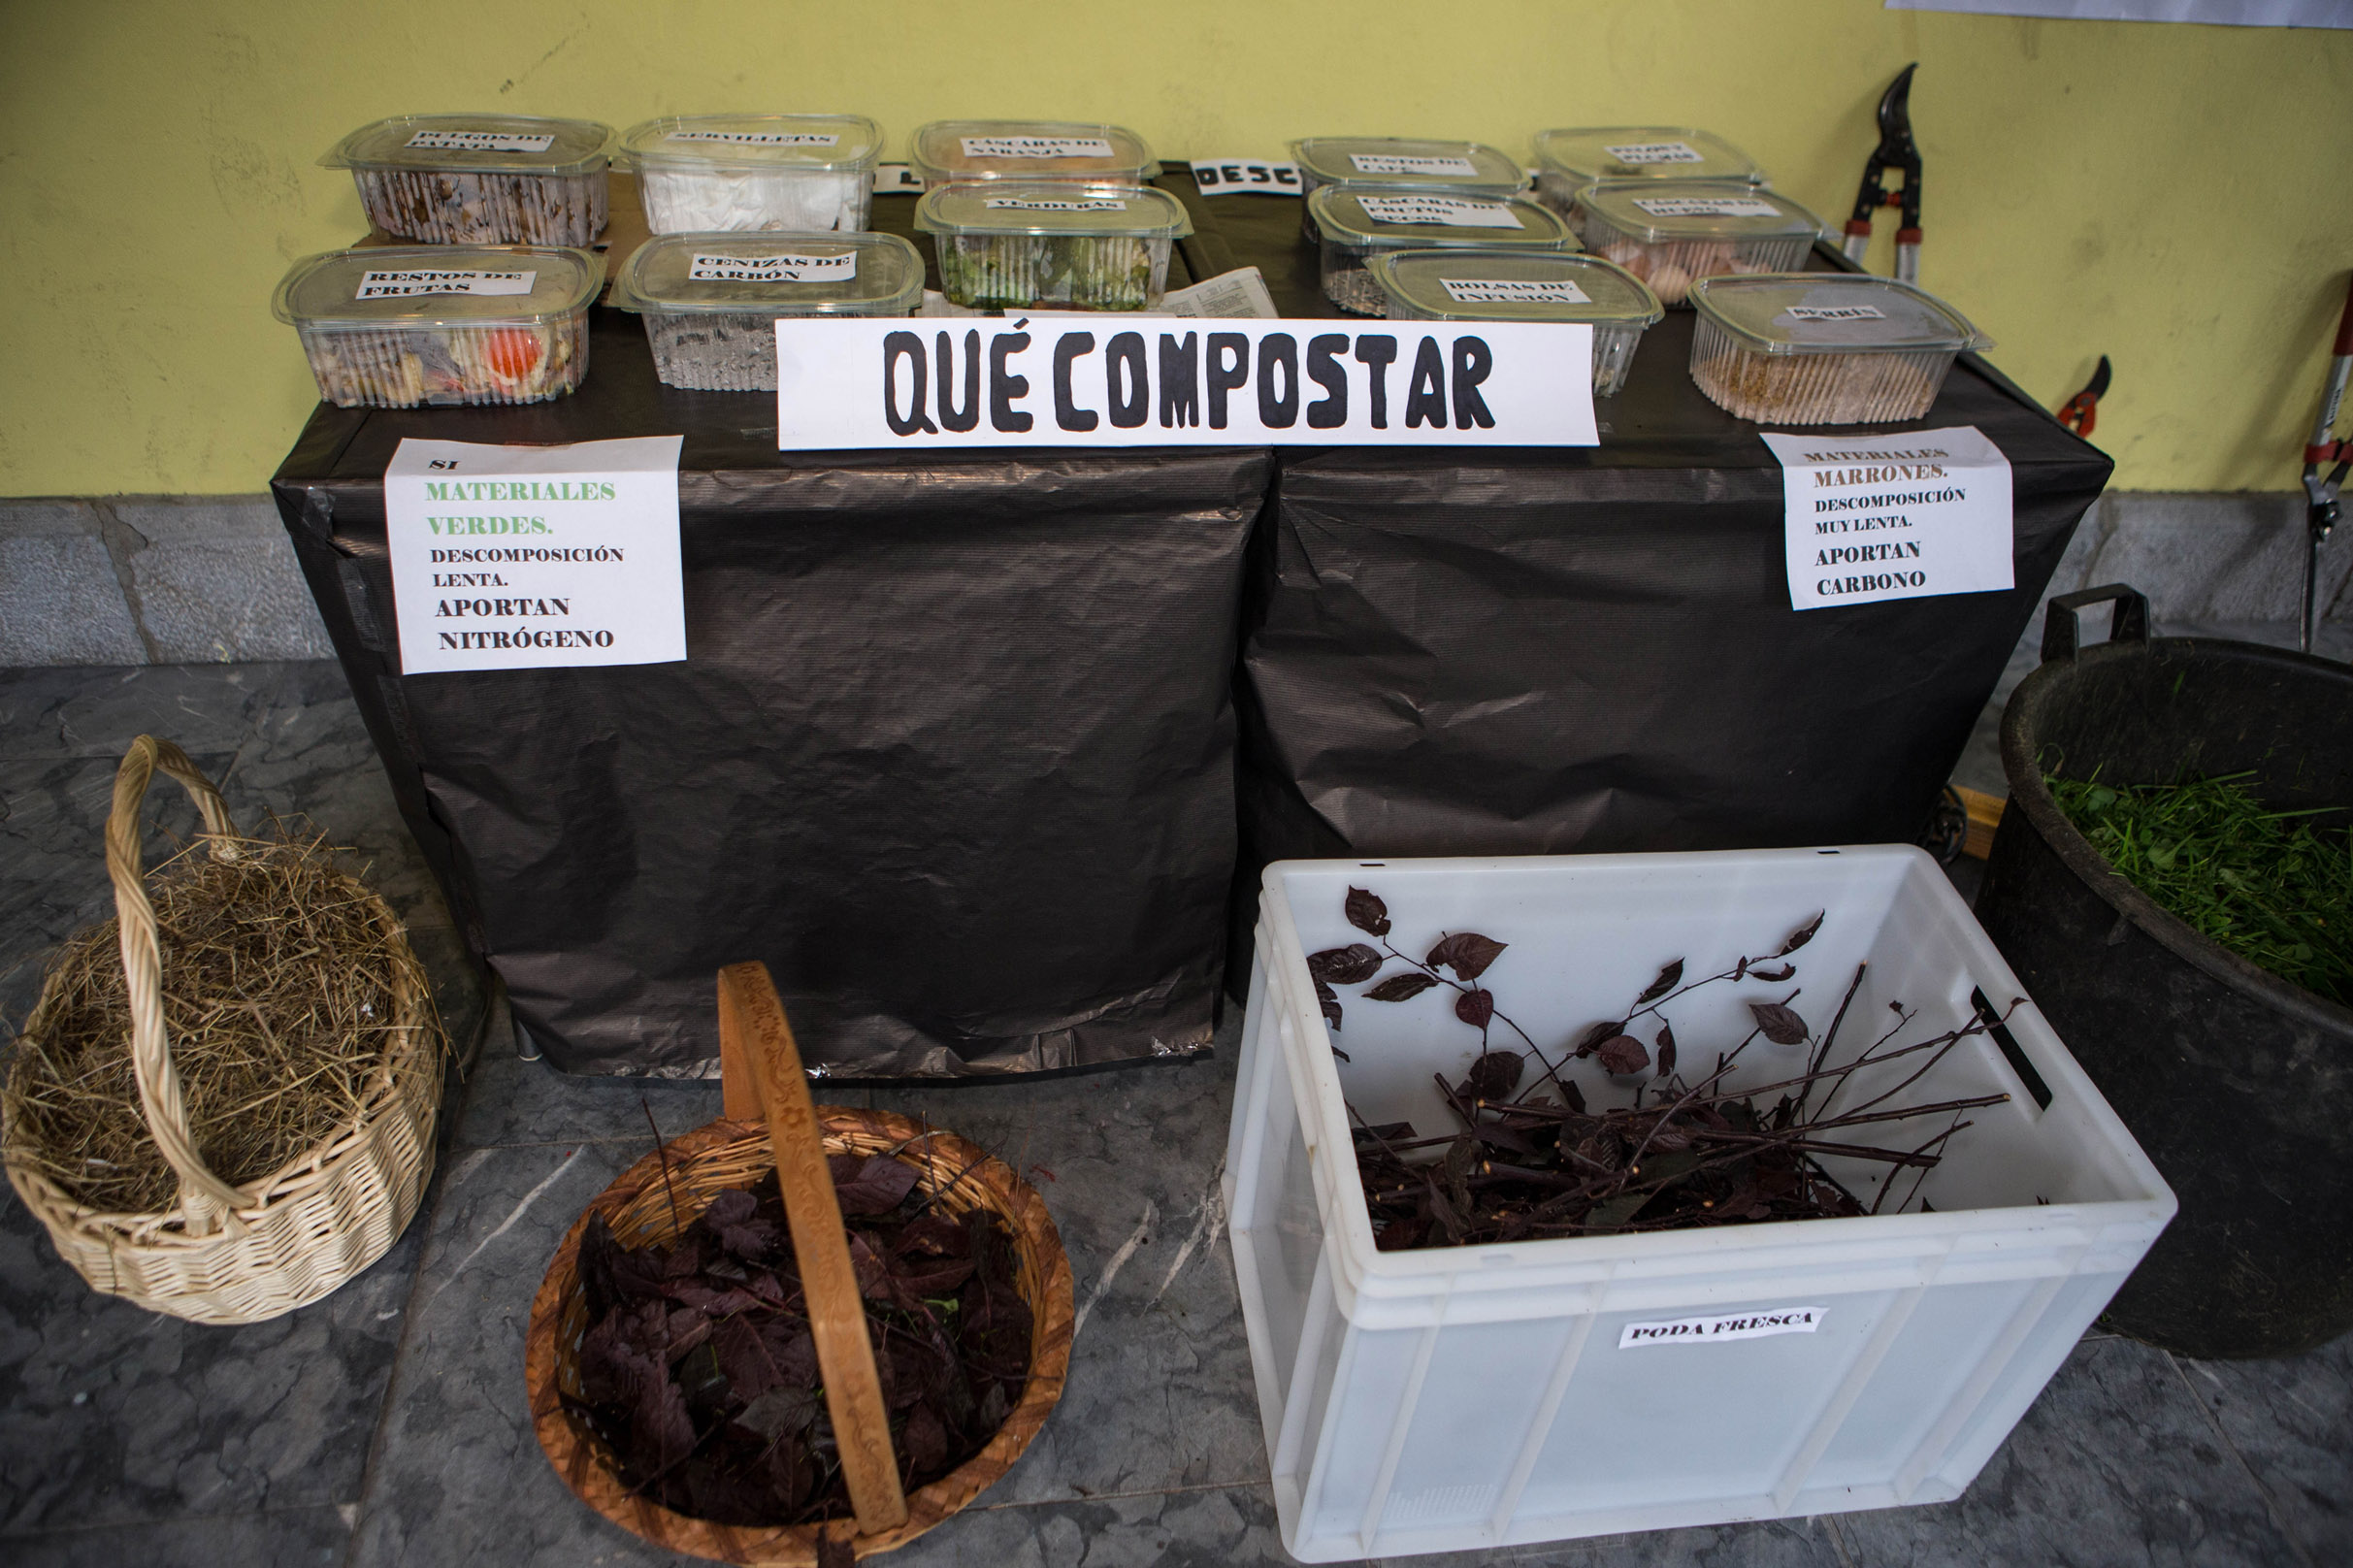 Una sesión formativa de compostaje comunitario impartida por COGERSA